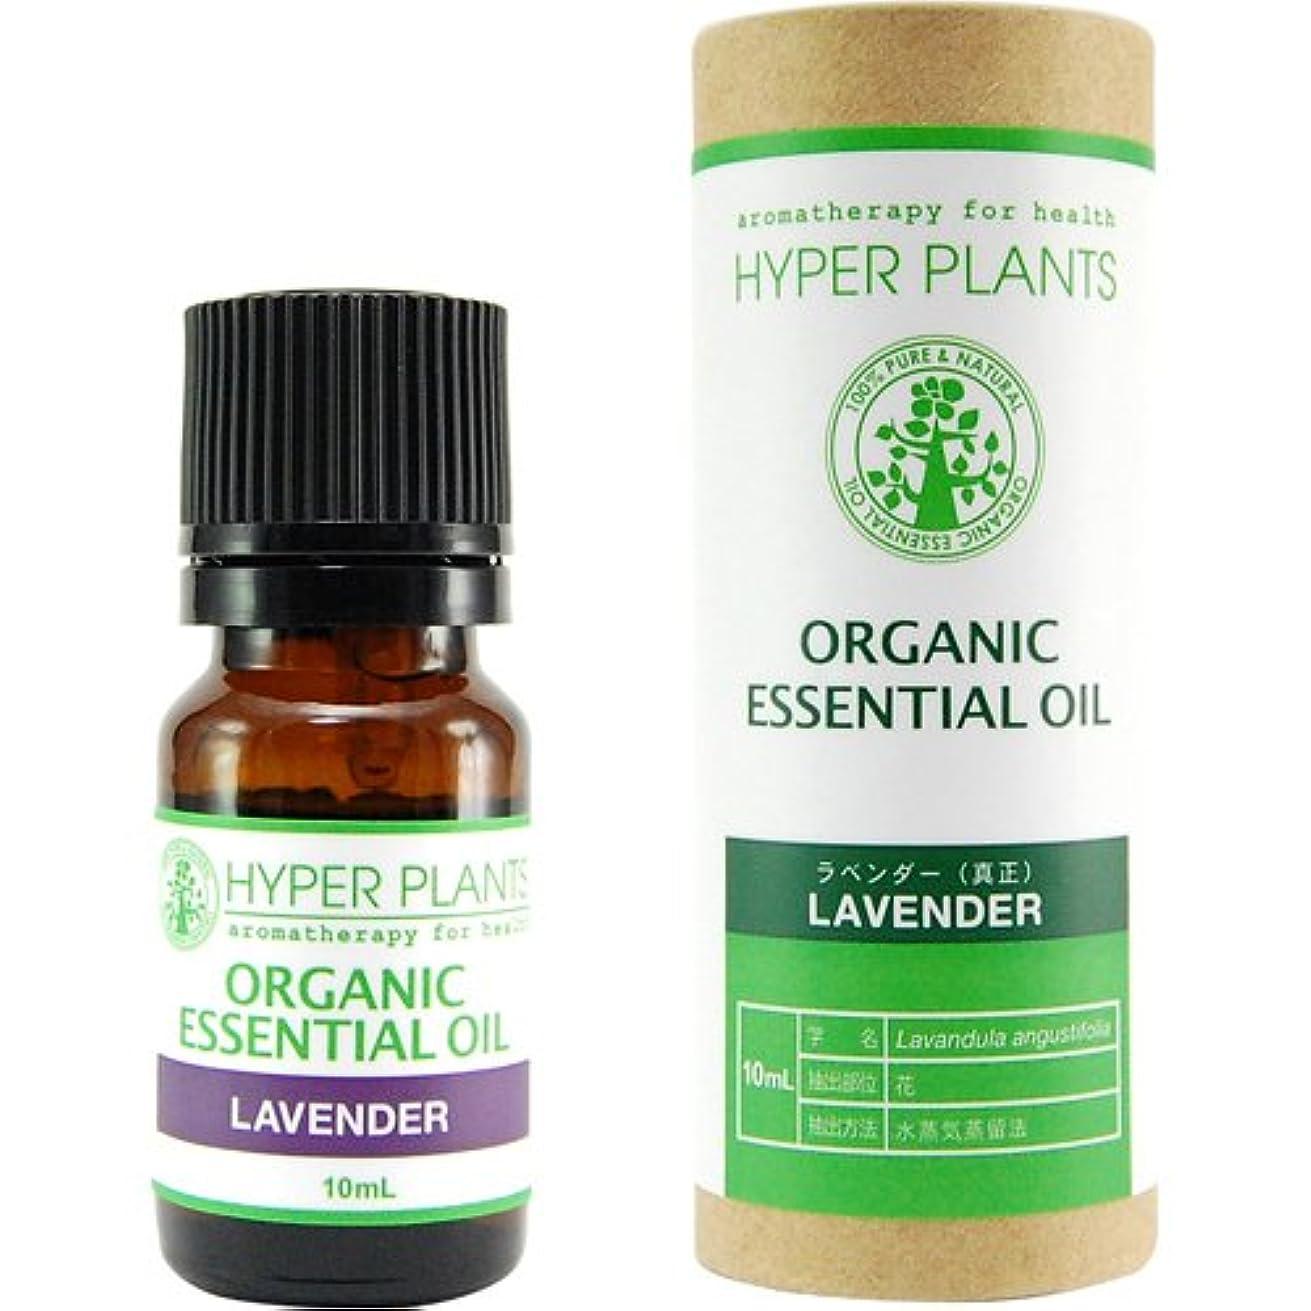 ラインナップ紳士気取りの、きざな参照HYPER PLANTS ハイパープランツ オーガニックエッセンシャルオイル ラベンダー(真正) 10ml HE0207